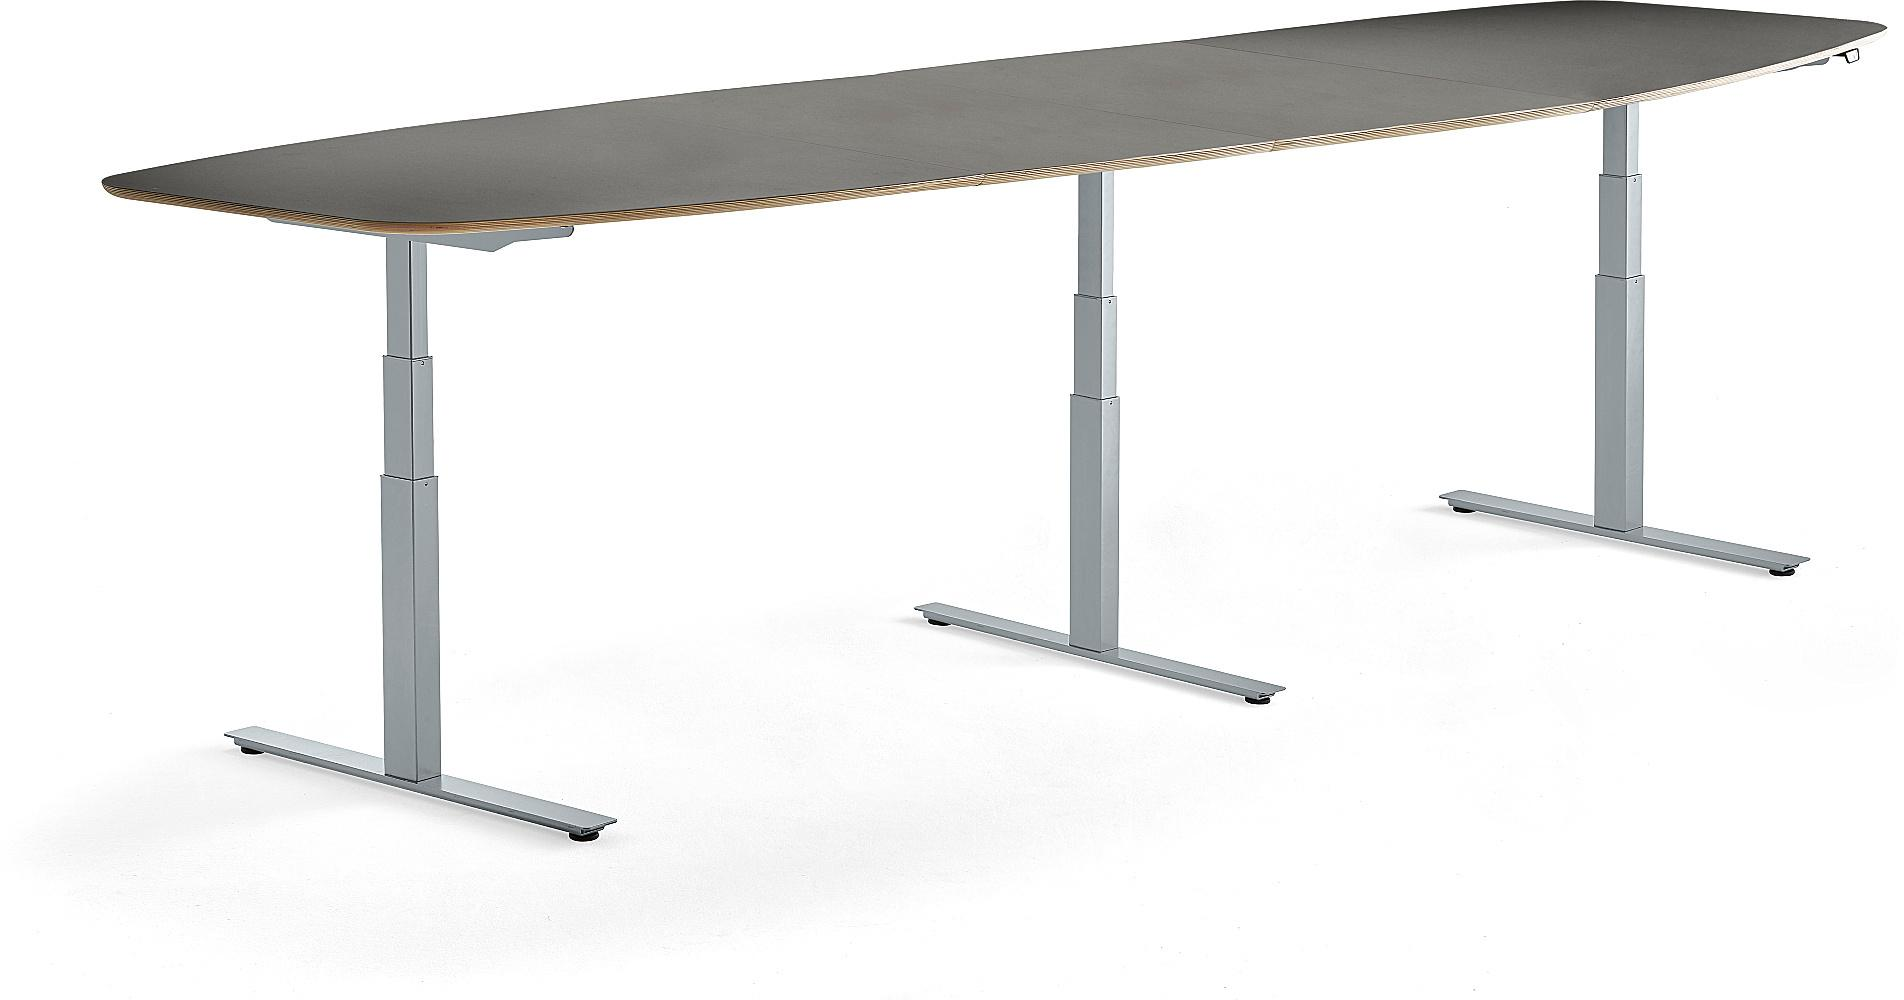 Výškovo nastaviteľný rokovací stôl Audrey, 4000 x 1200 mm, strieborná/tmavošedá